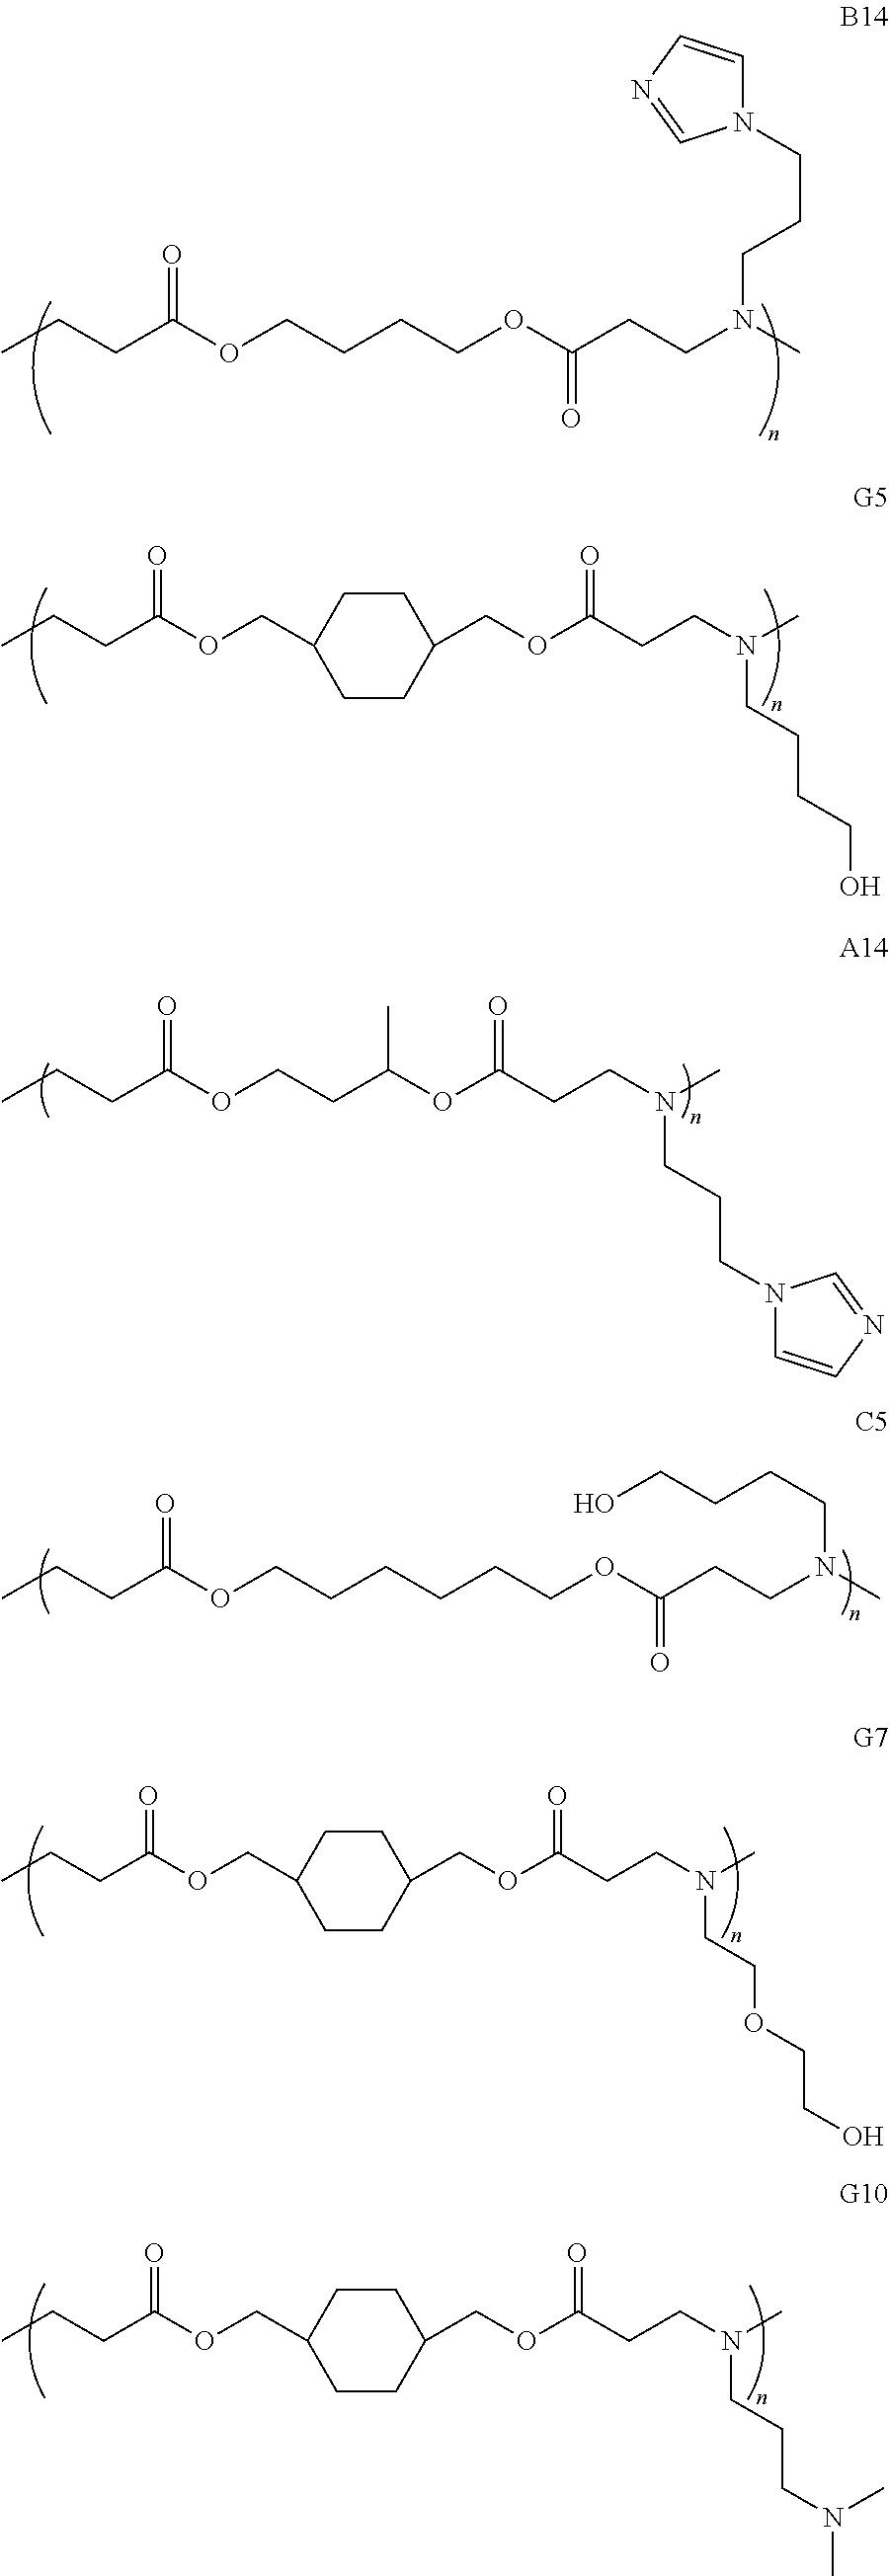 Figure US09700627-20170711-C00011